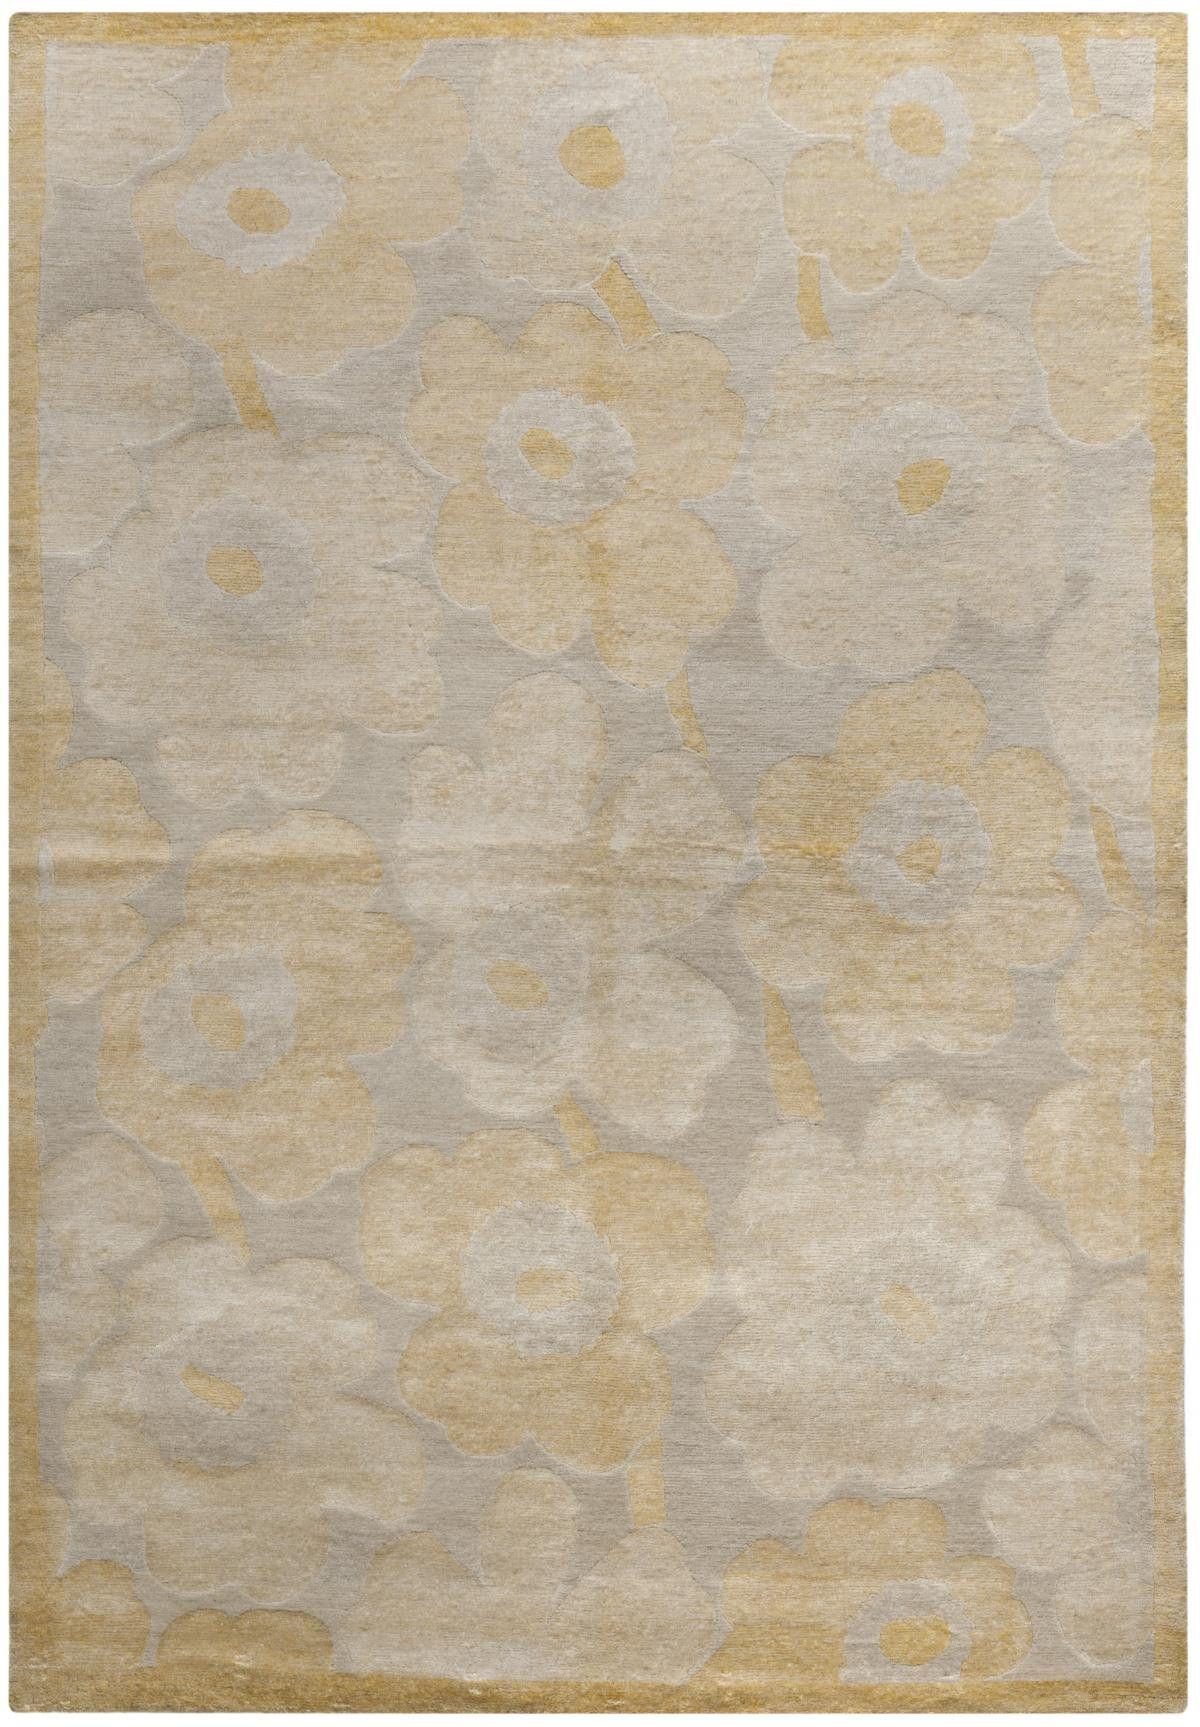 Safavieh Tb956a Tibetan Rug Caux Interiors Ottawa Furniture